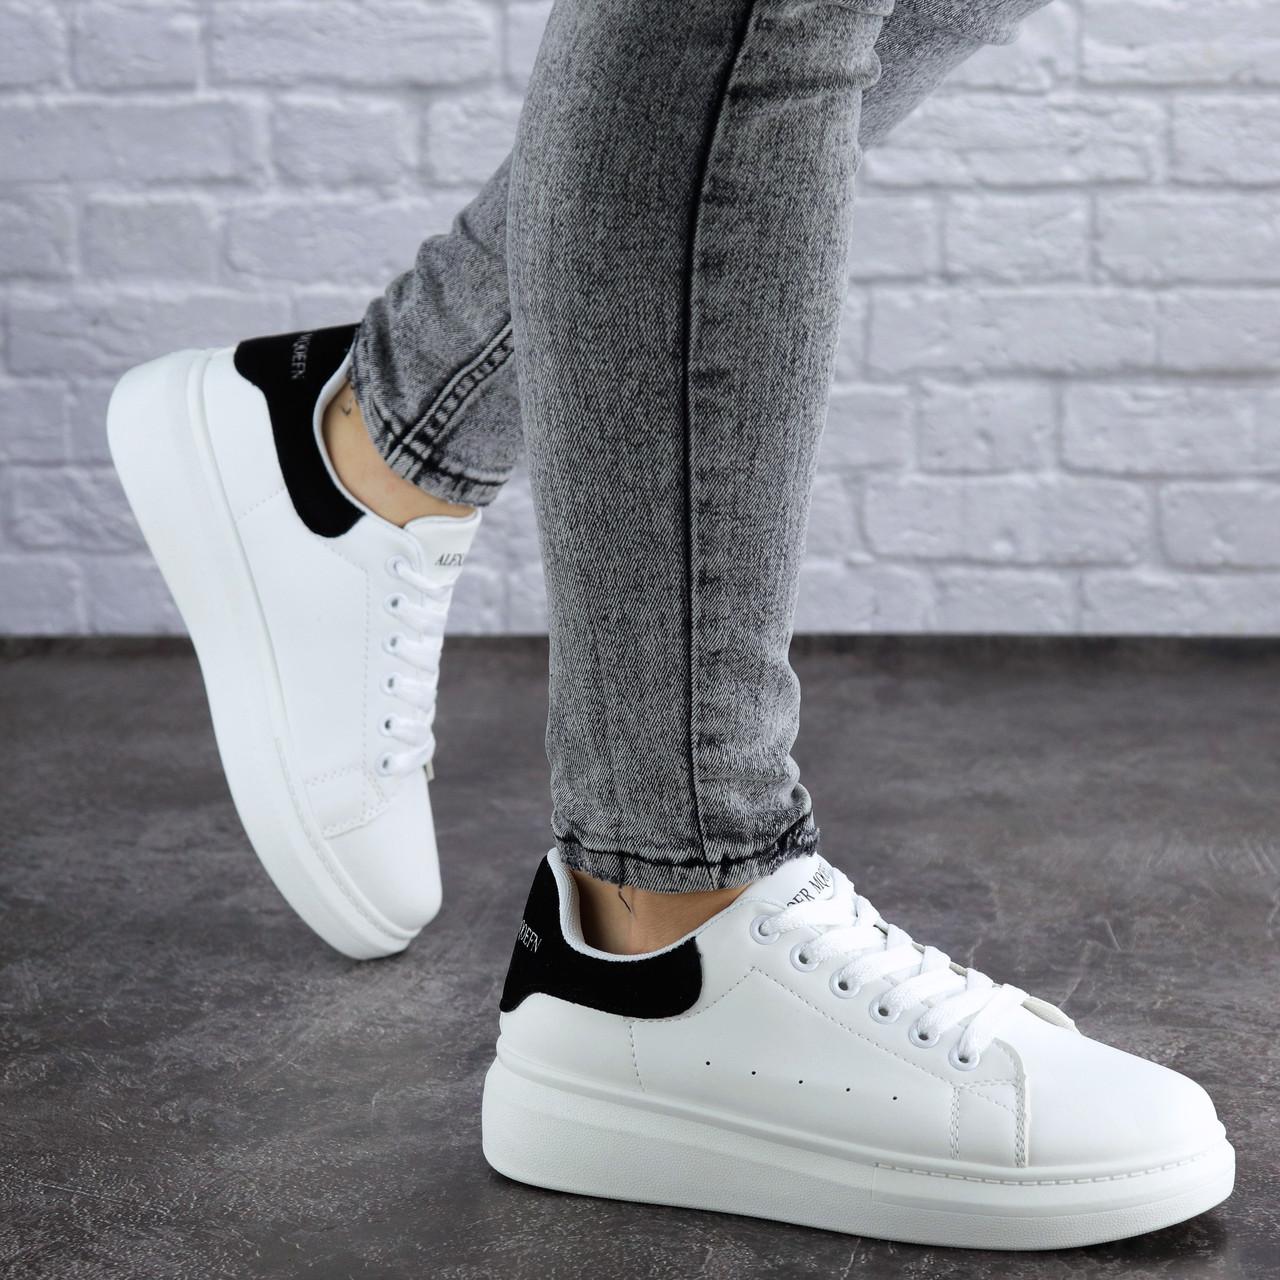 Купить Женские кроссовки белые Andy 1948 (38 размер), Fashion